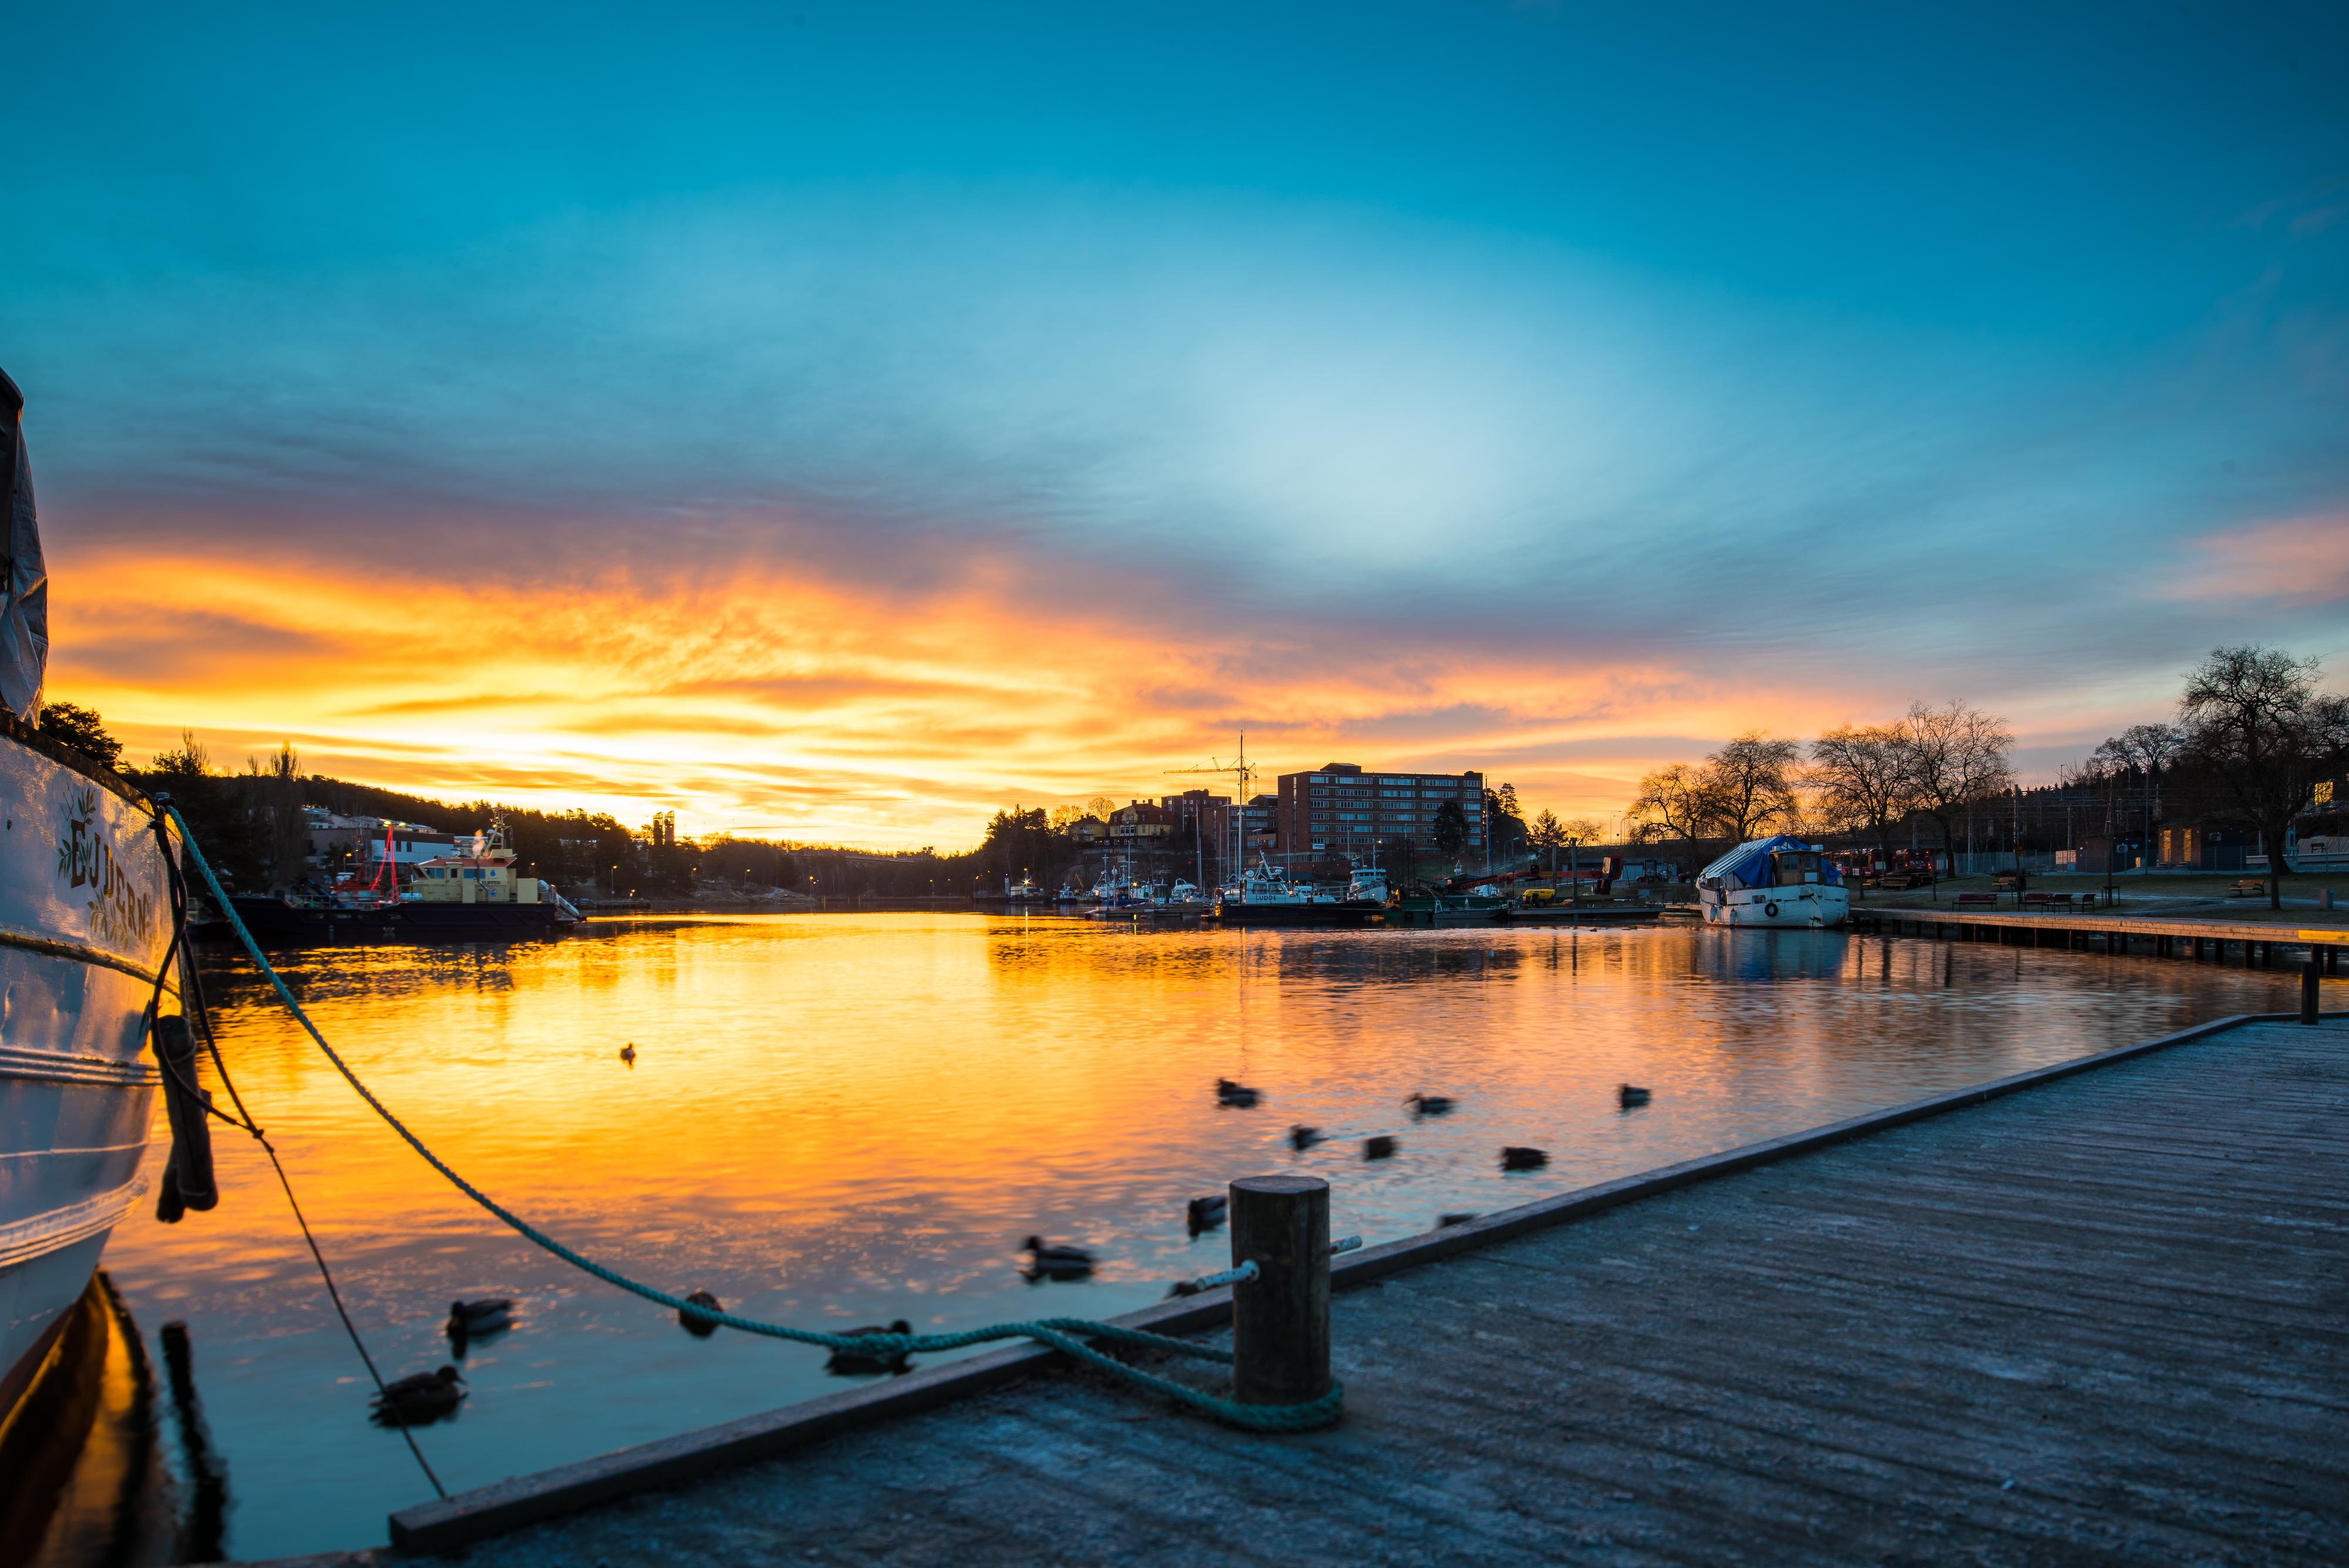 Södertälje soluppgång, ejdern & gästhamn